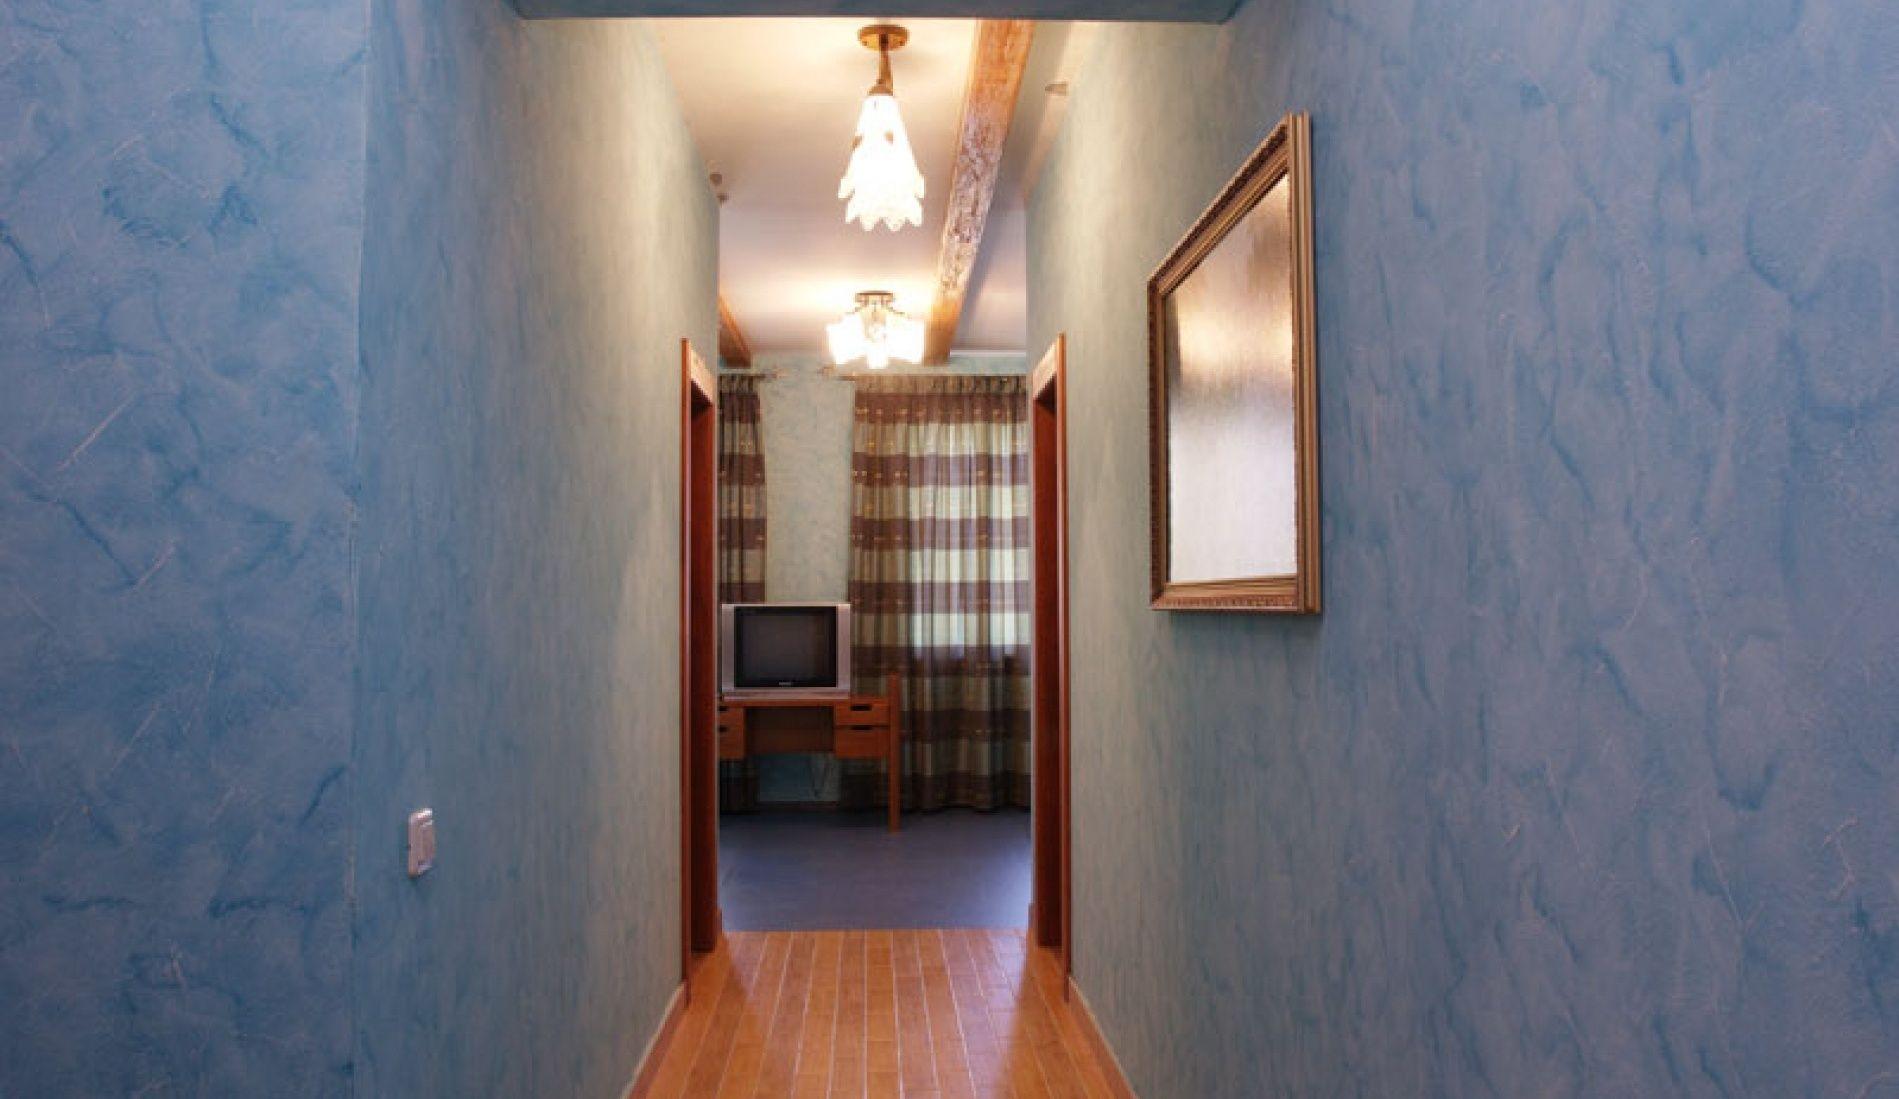 """Загородный гостиничный комплекс """"Орбита"""" Самарская область Двухкомнатный 4-х местный номер в гостинице, фото 3"""